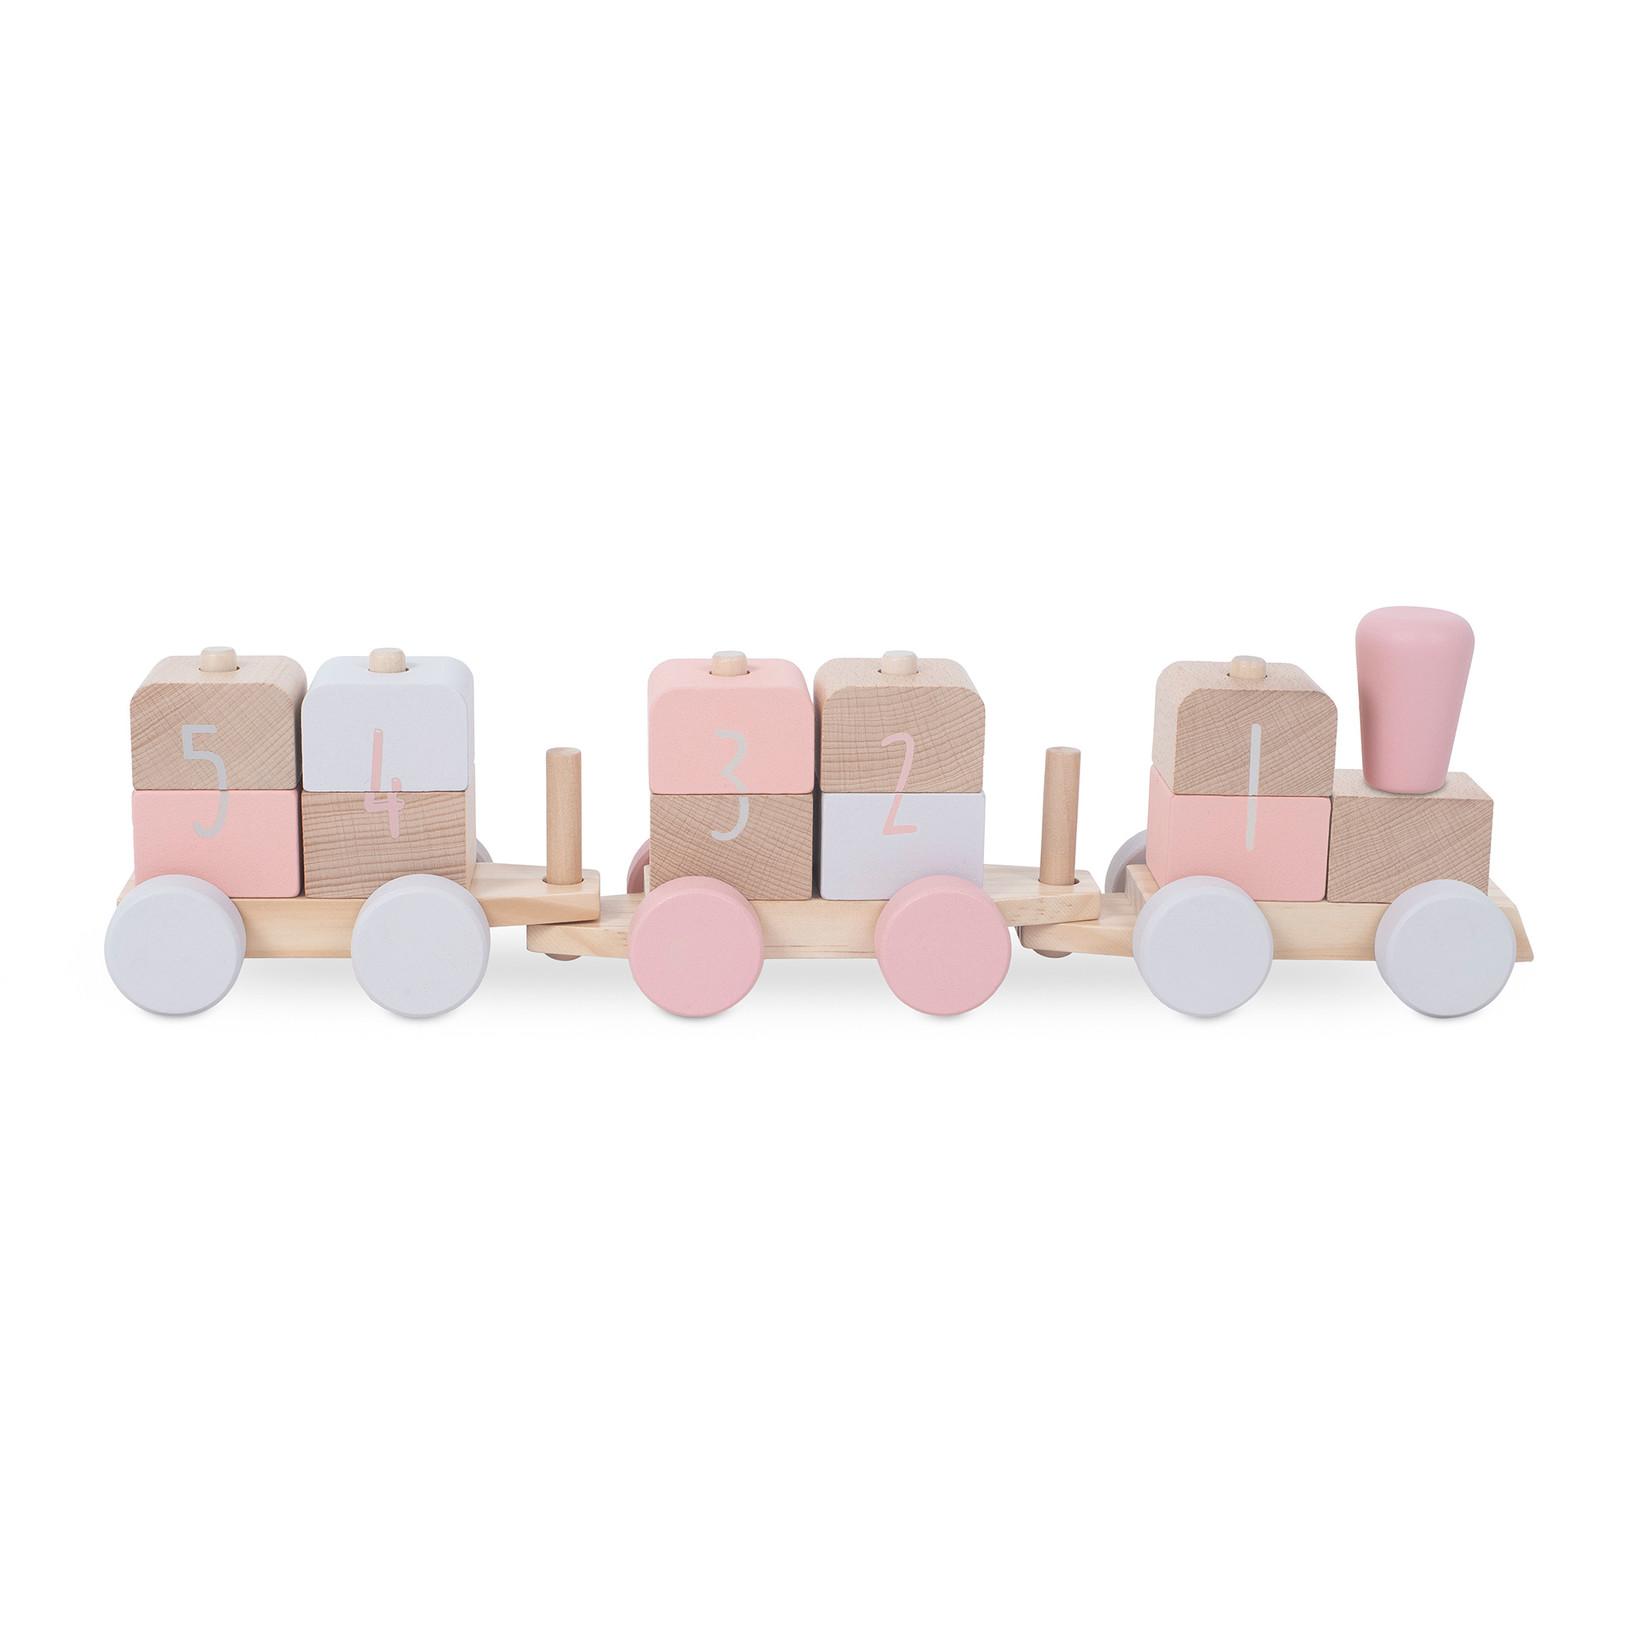 Jollein Houten speelgoedtrein pink